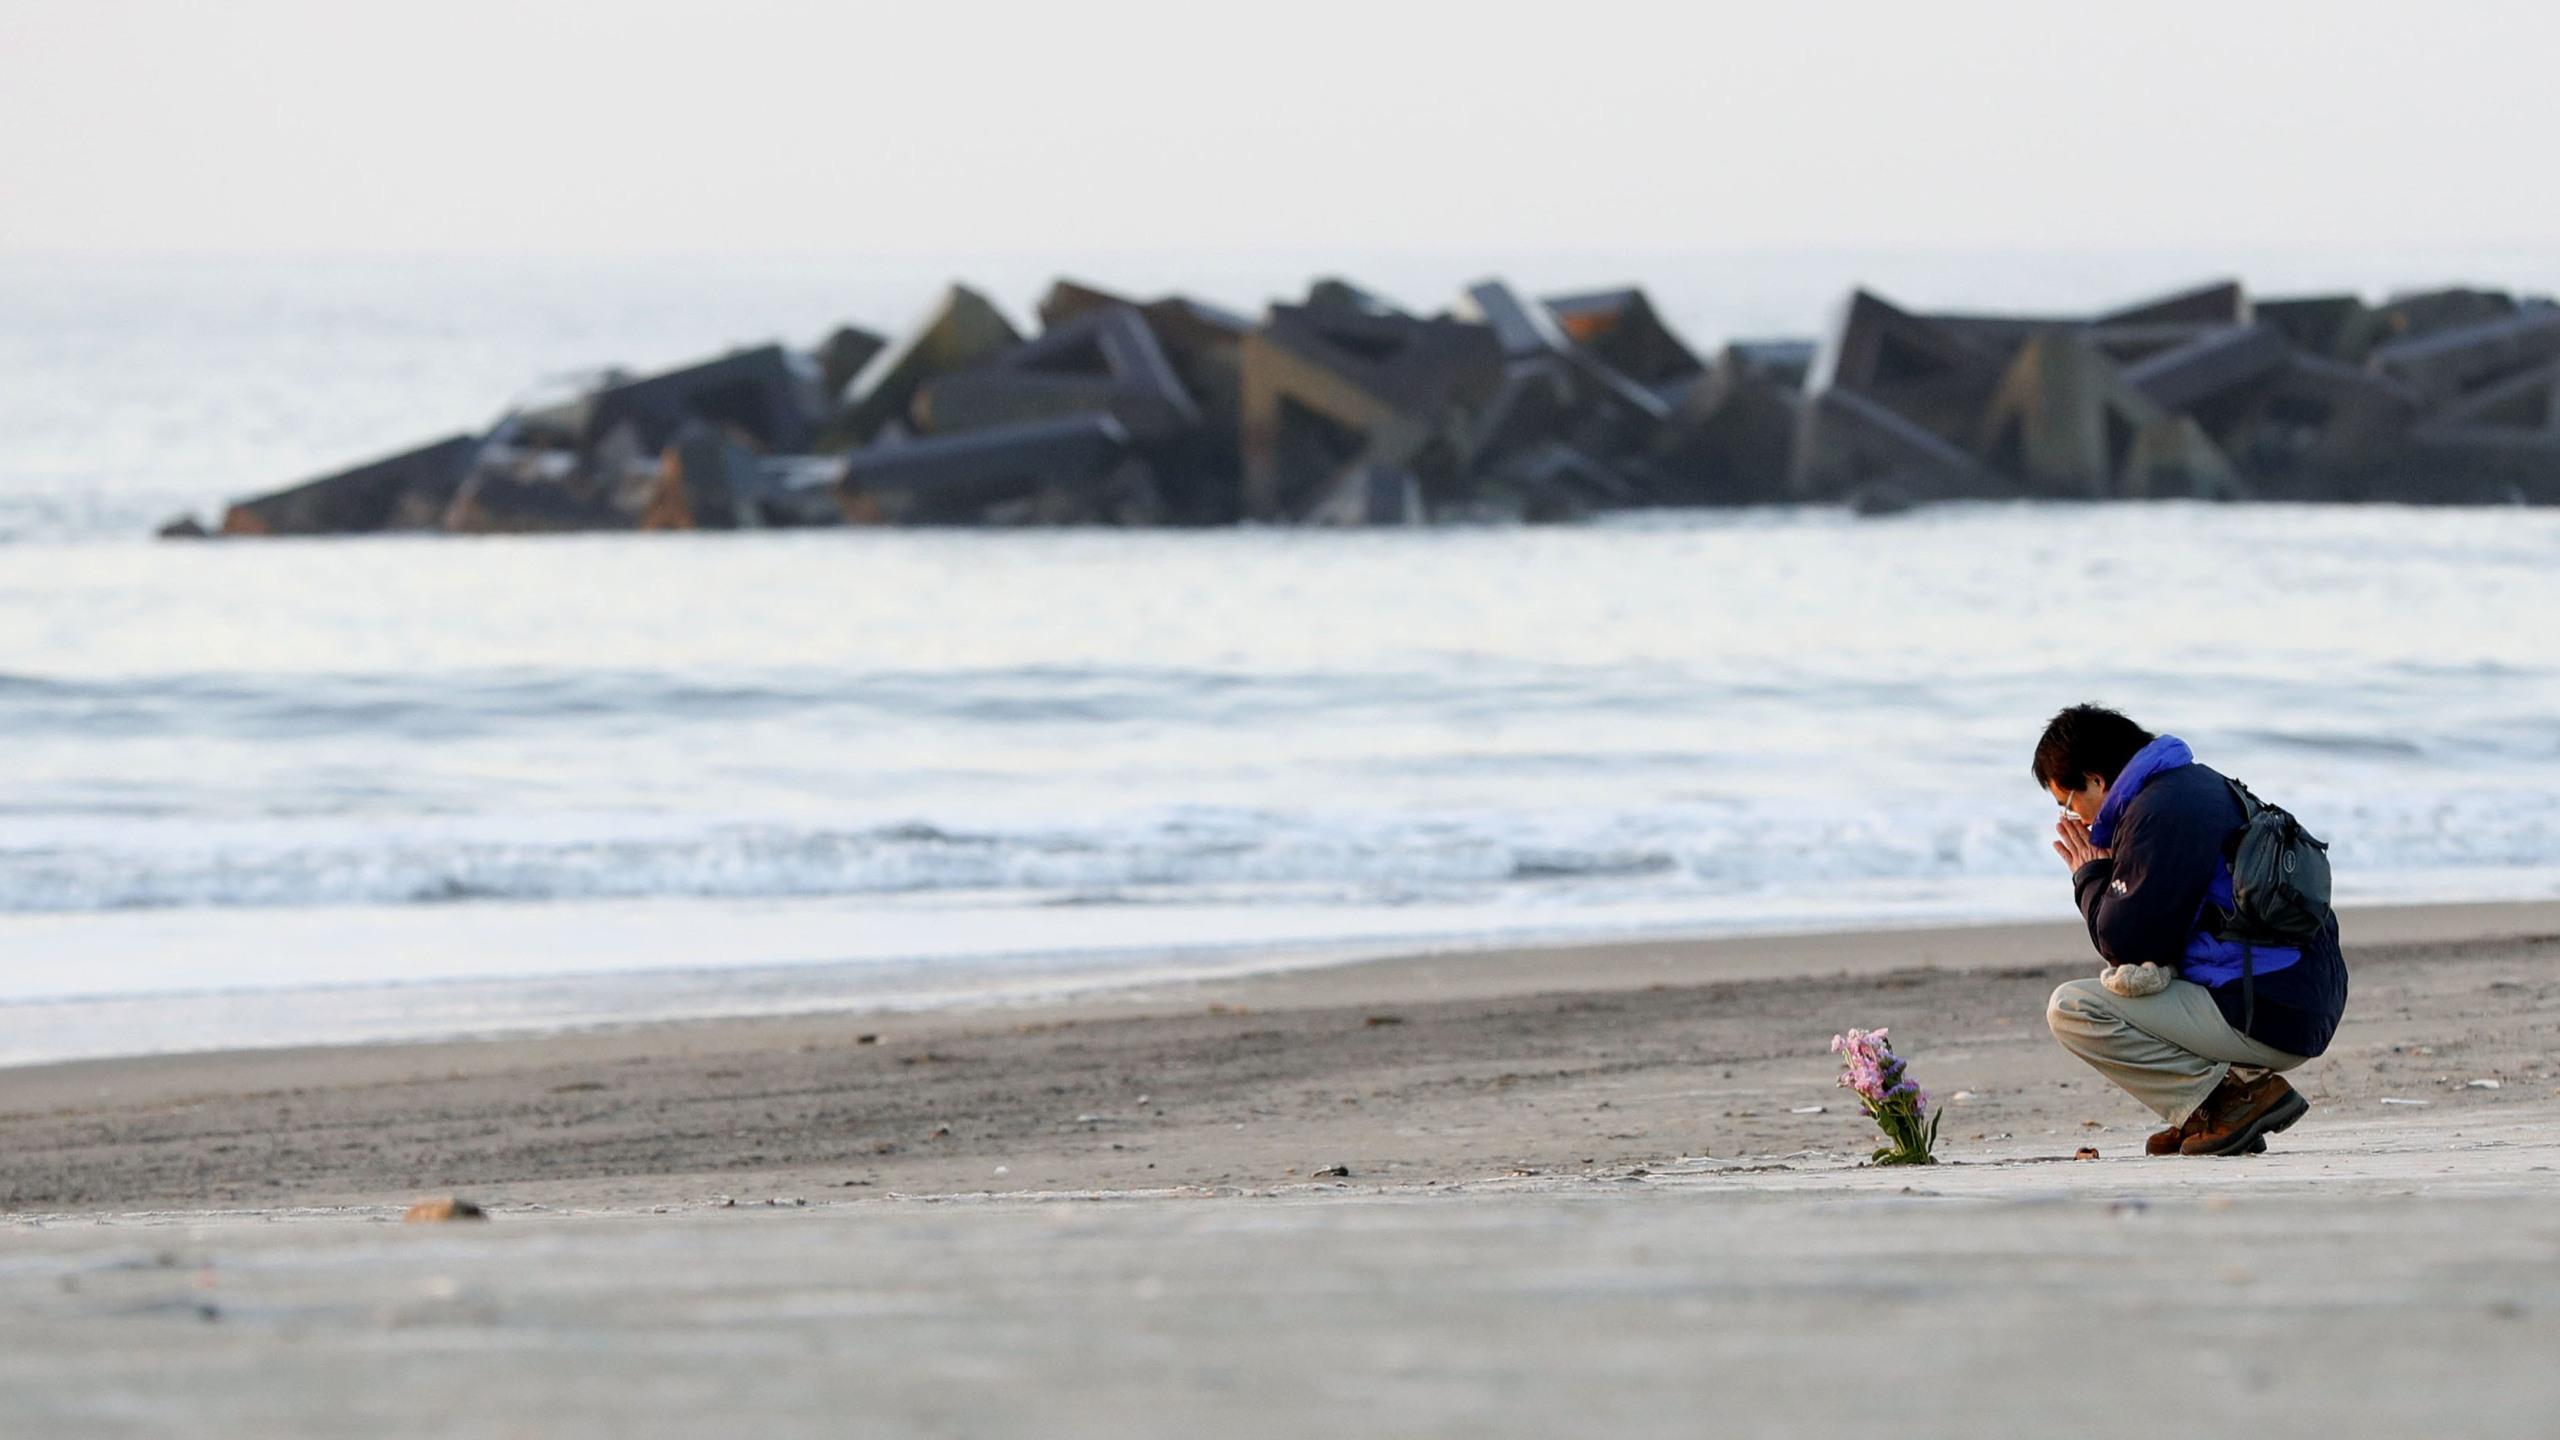 Japan_Tsunami_Anniversary_47345-159532.jpg11404413